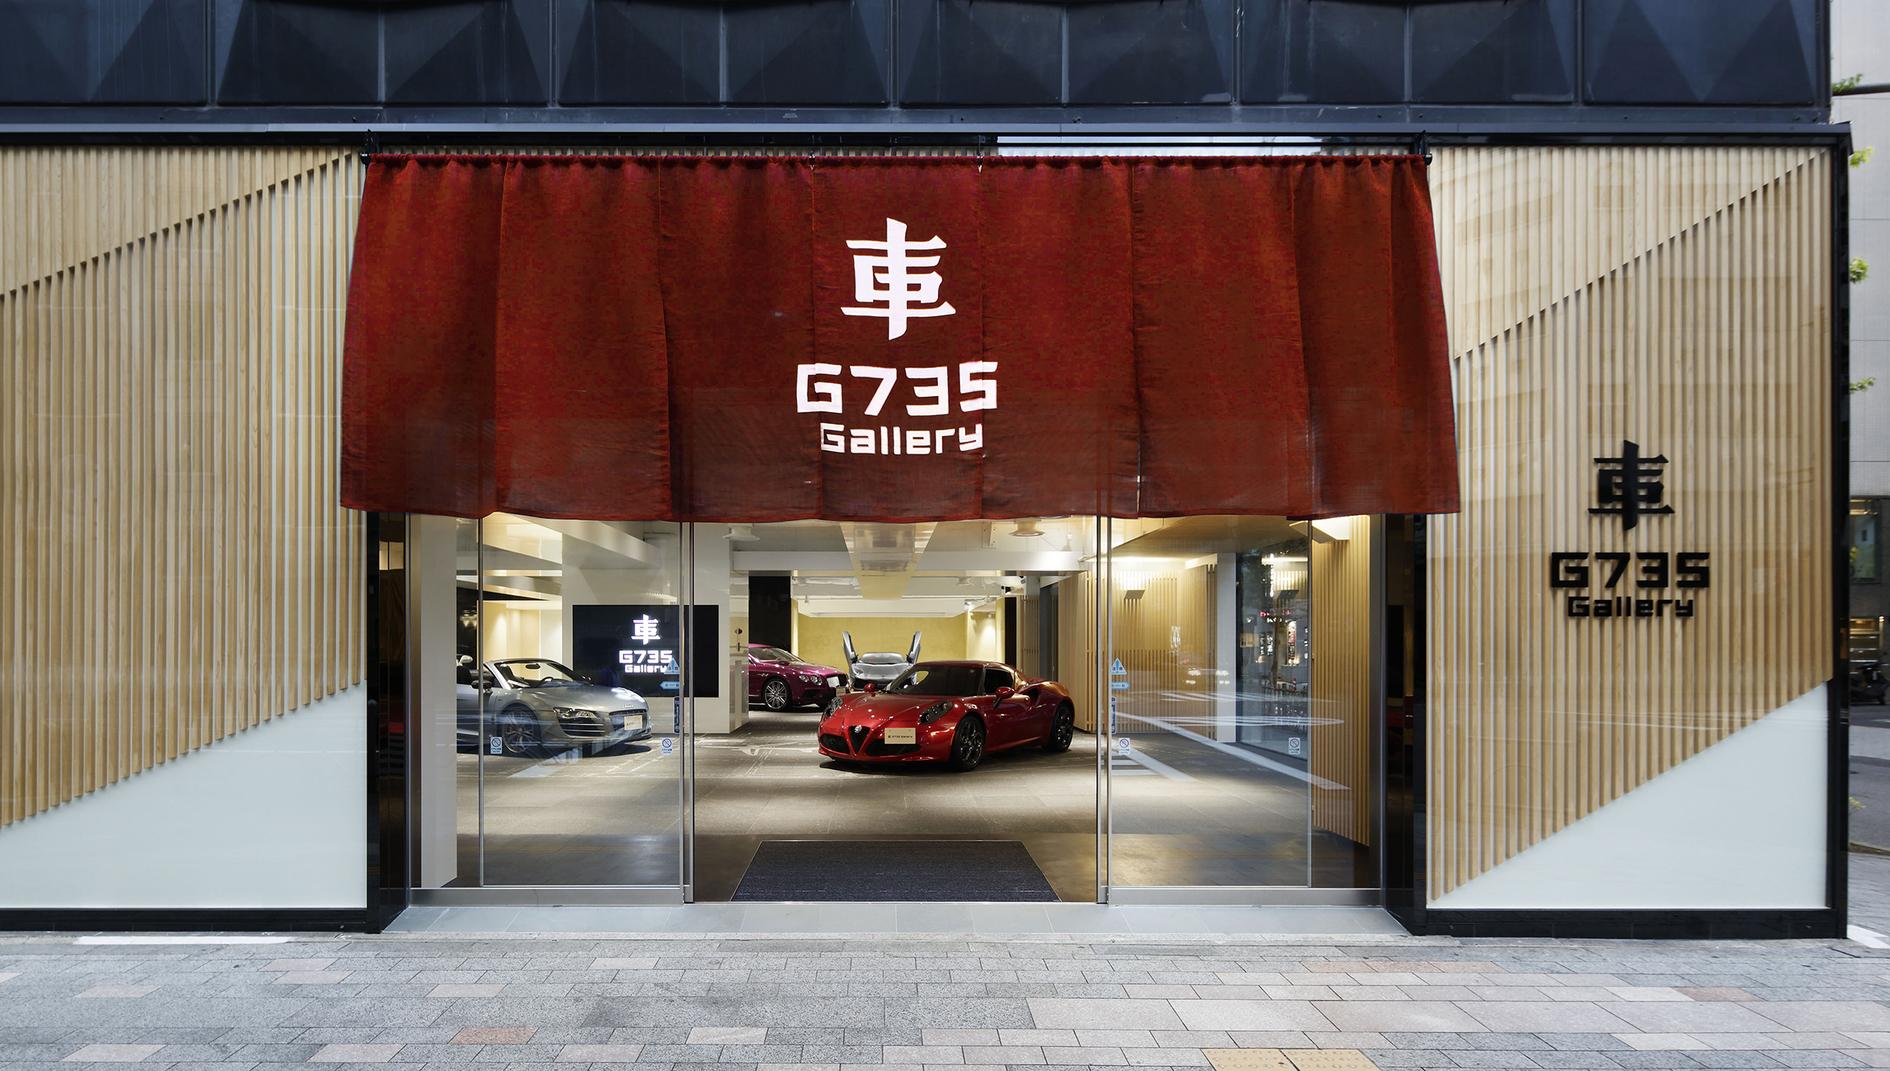 【銀座駅3分】数寄屋橋交差点すぐの路面にあるプロモーションに最適なギャラリースペース(G735 Gallery) の写真0